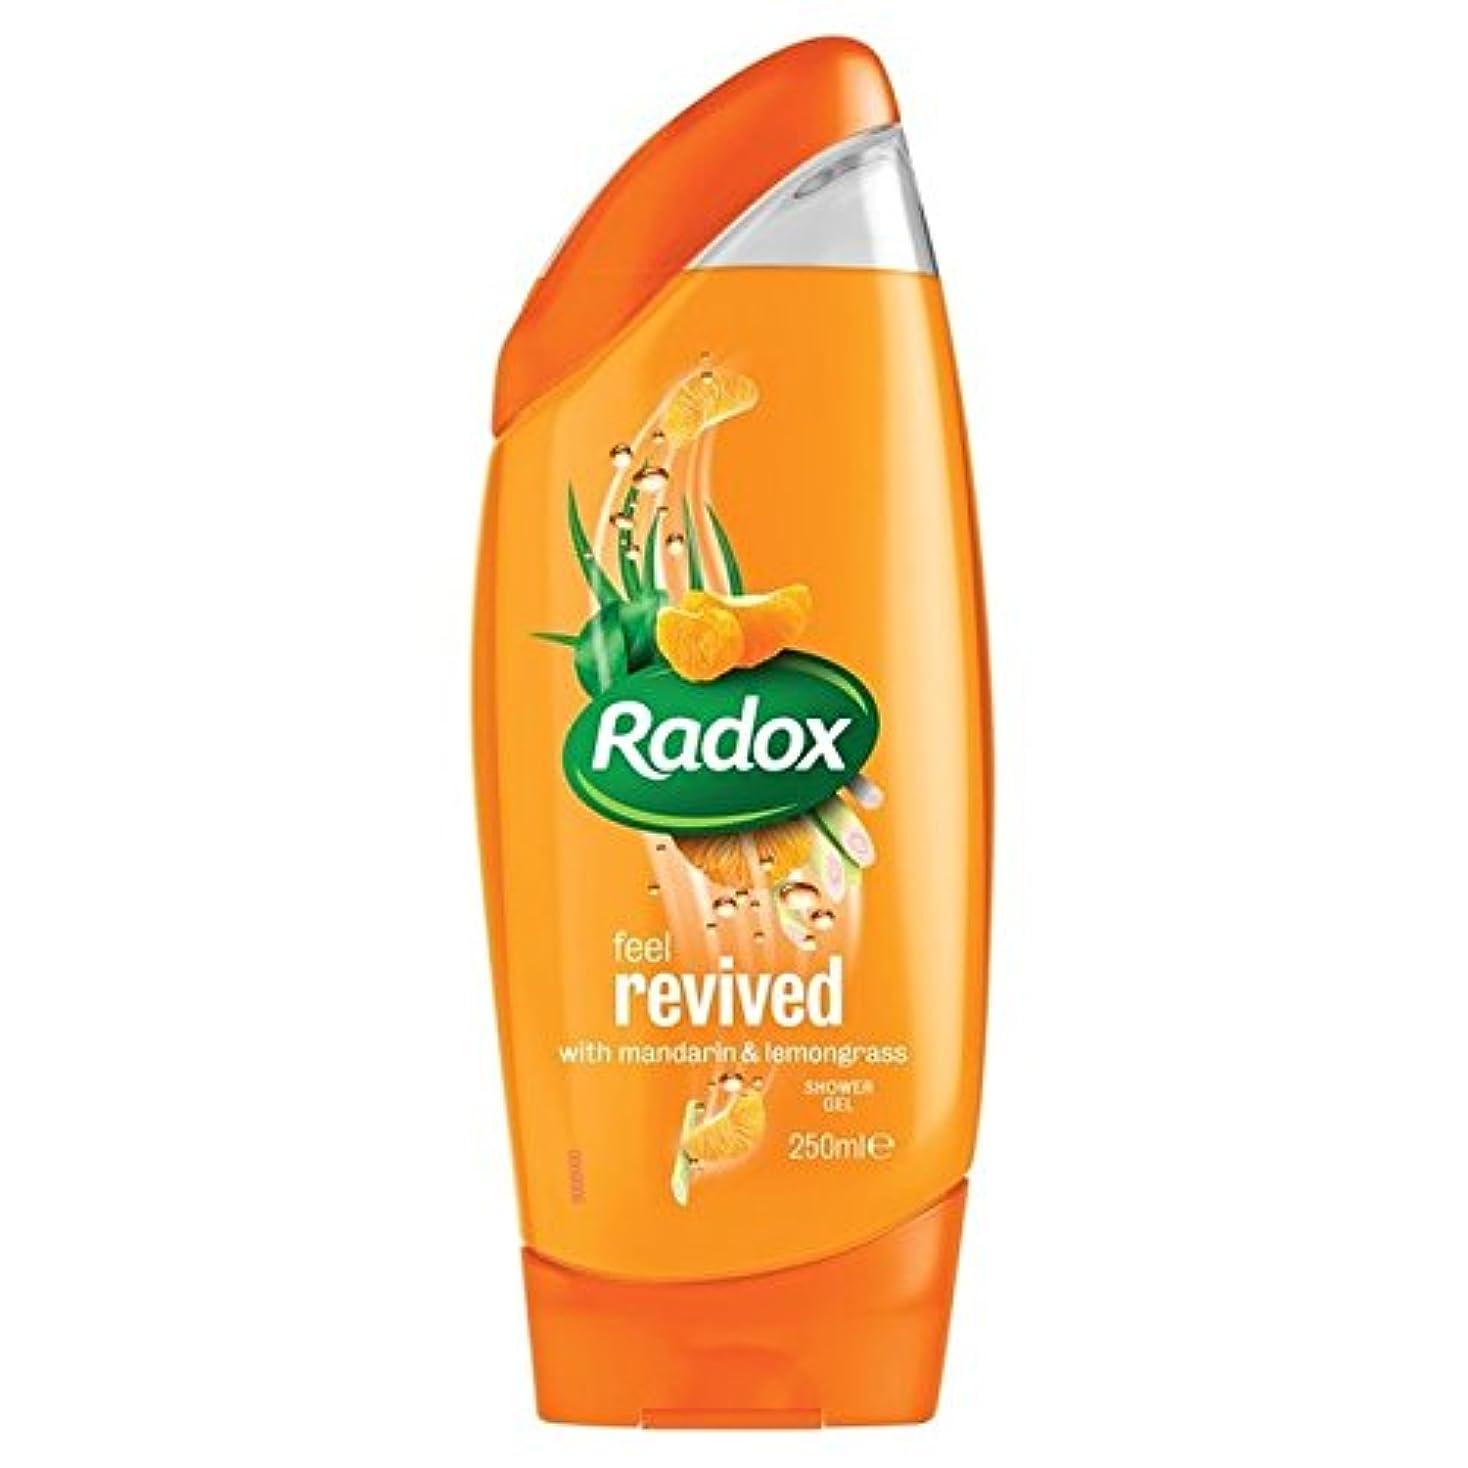 クマノミ治す休眠のみかんは、シャワージェル250ミリリットルを復活させます x2 - Radox Mandarin Revive Shower Gel 250ml (Pack of 2) [並行輸入品]